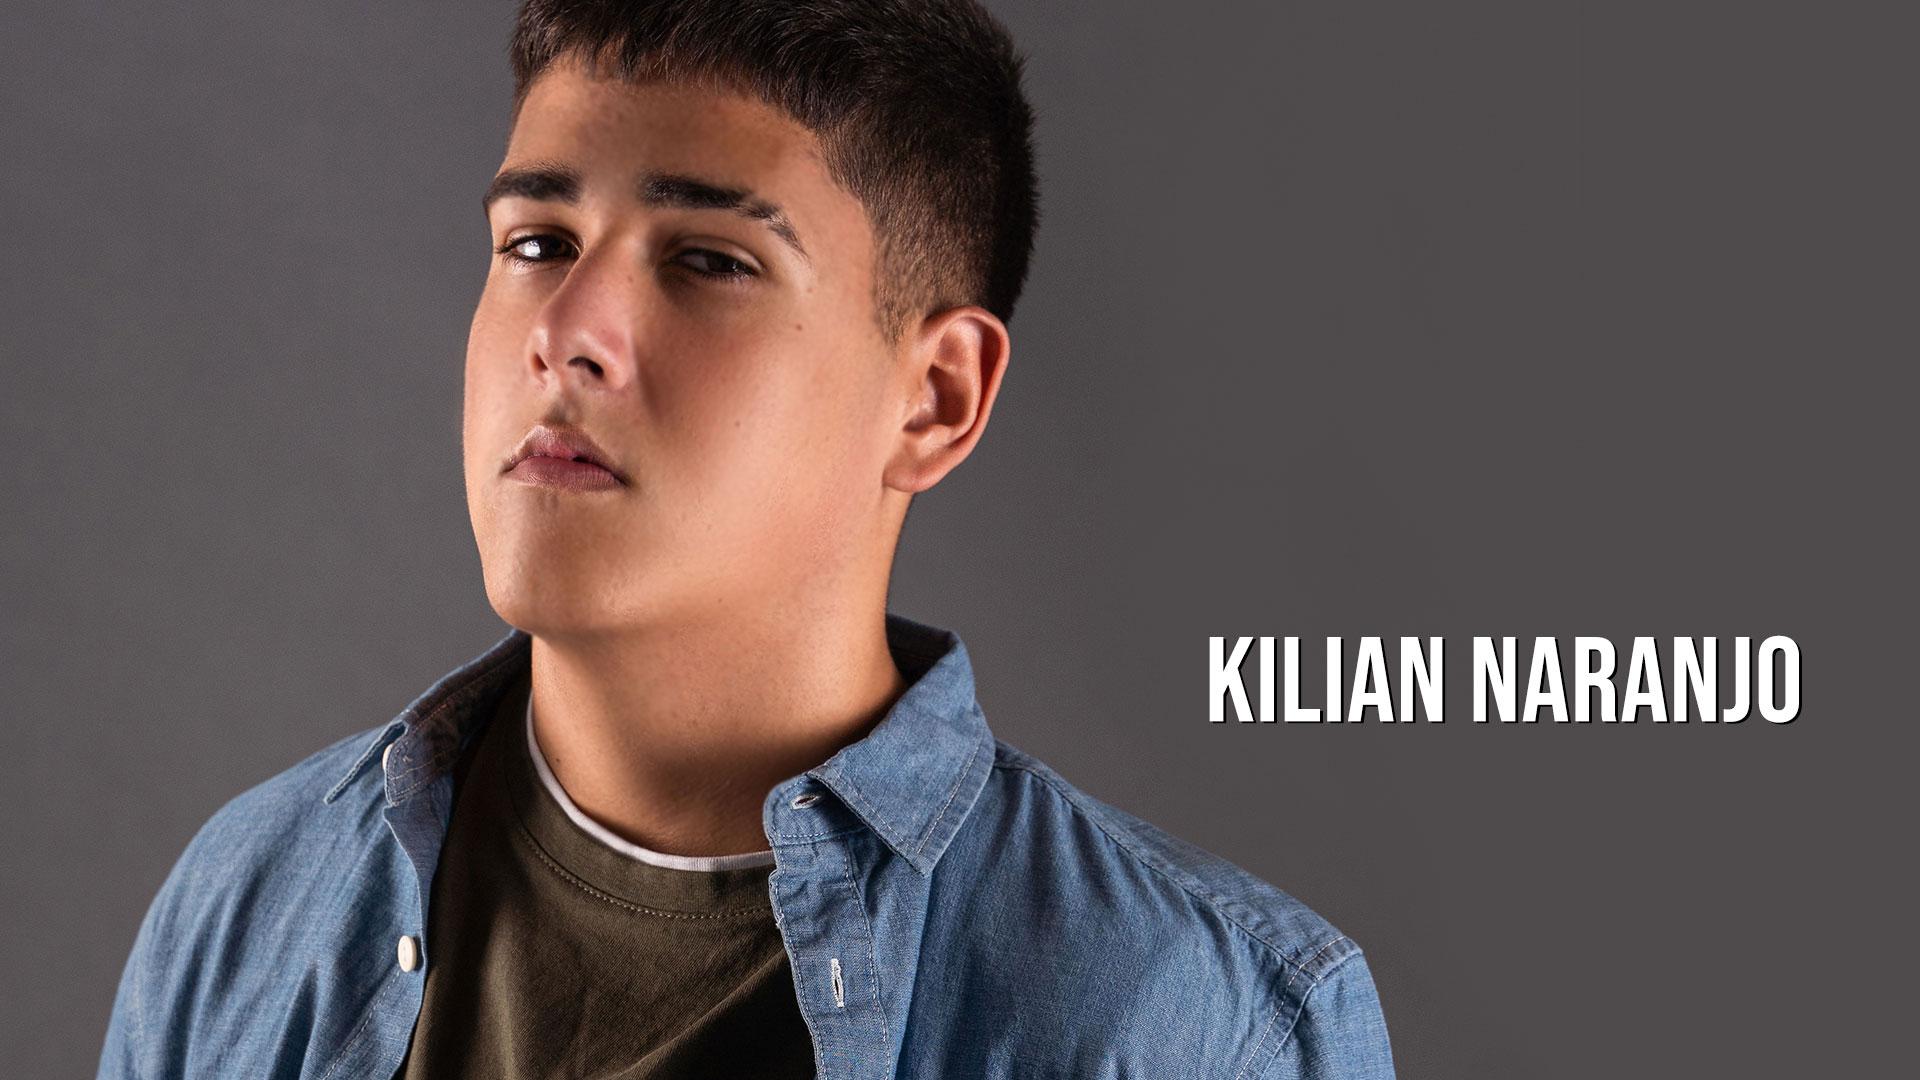 Kilian Naranjo - Videobook Actor